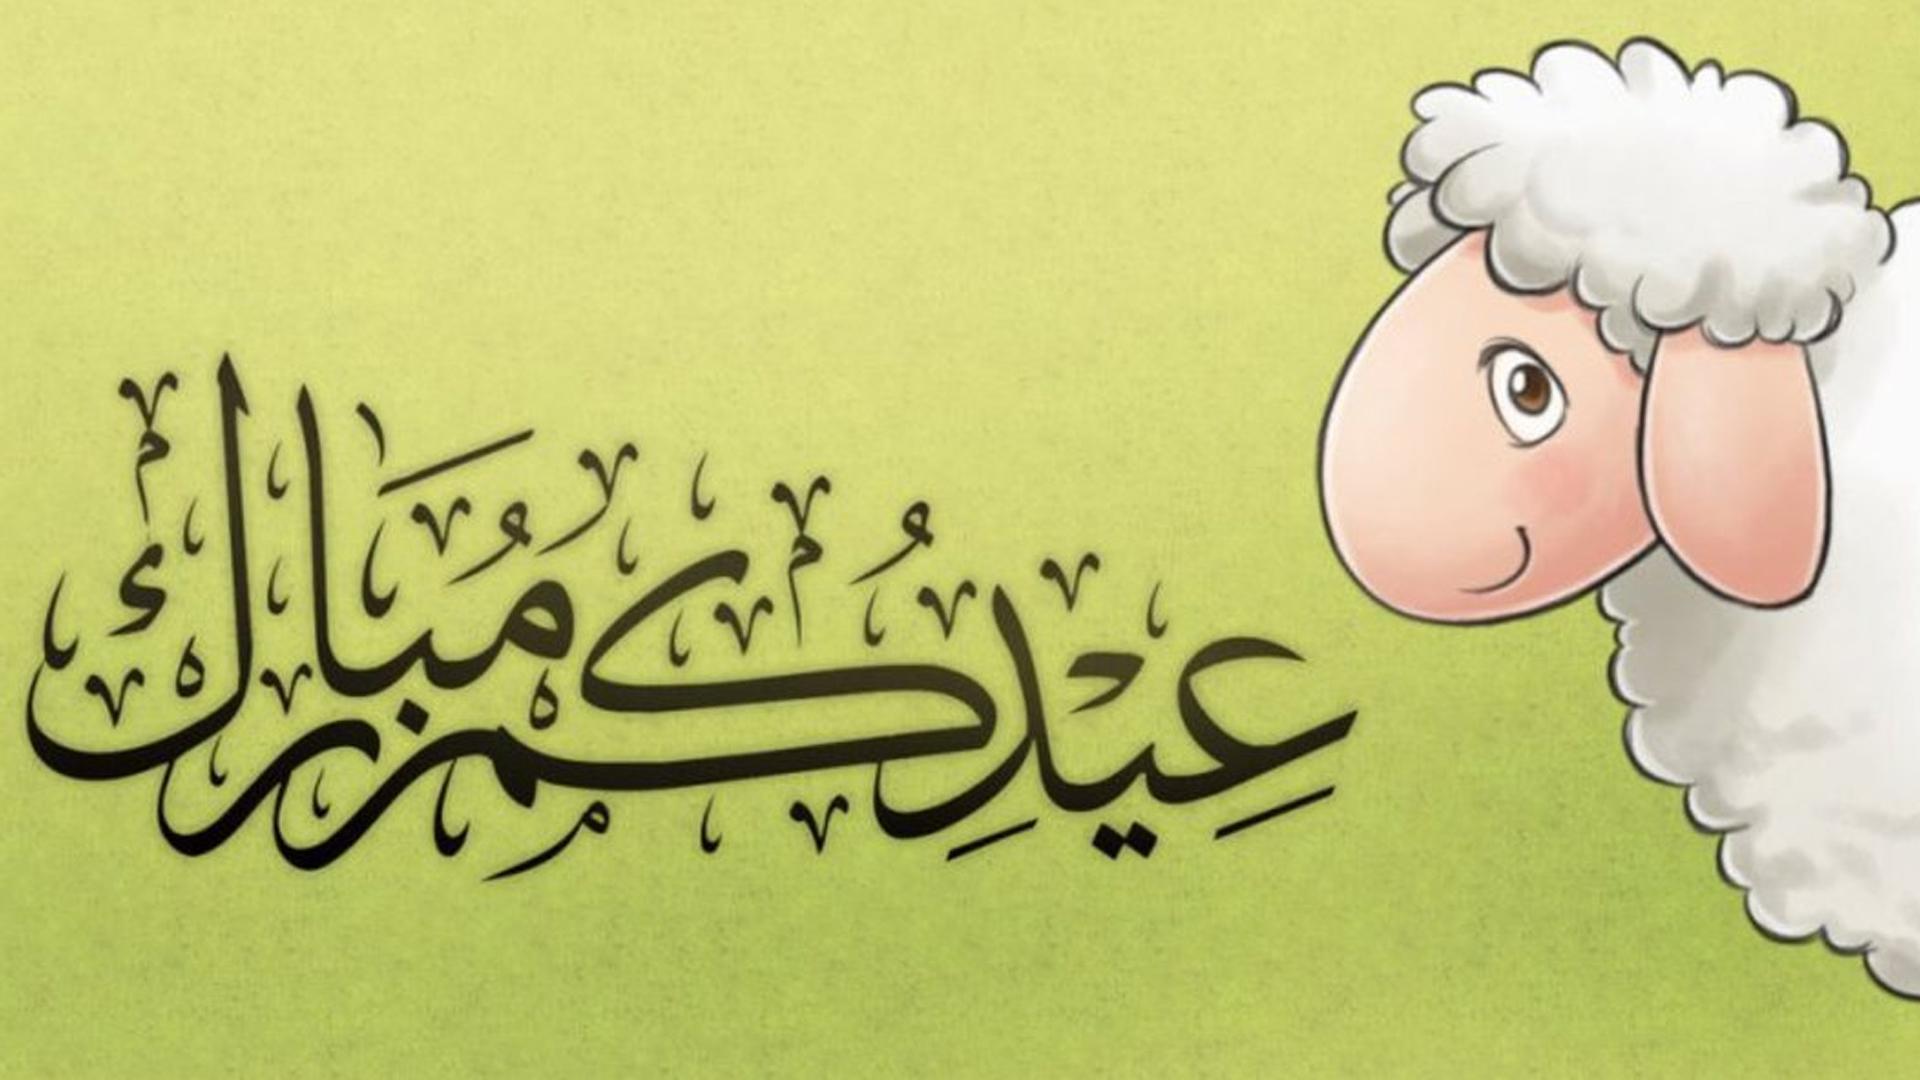 أحدث صور وخلفيات عيد الأضحي المبارك 2019 Eid Mubarak